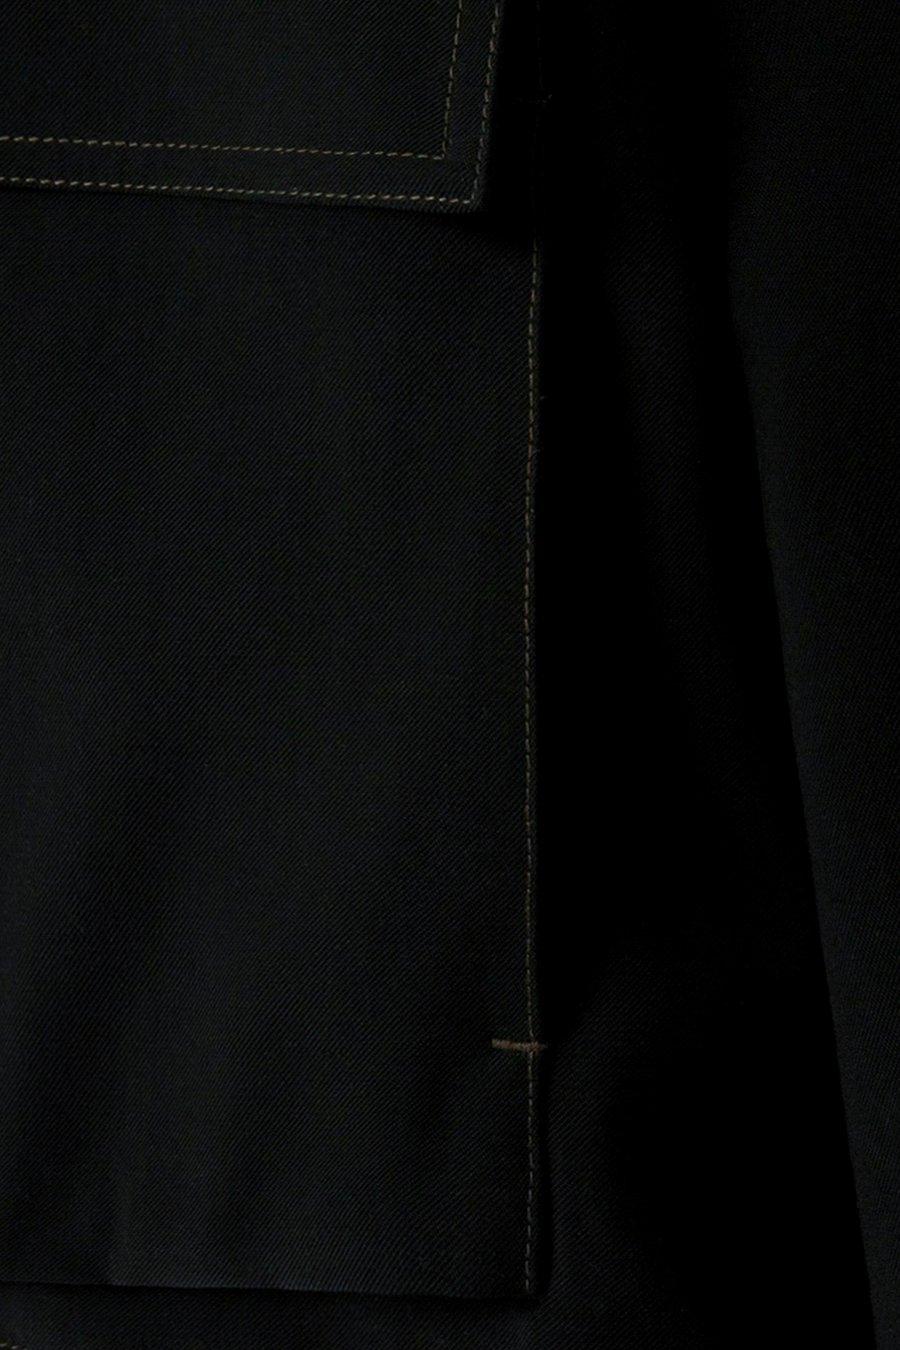 인사일런스(IN SILENCE) 드레이프 플라이트 블루종 BLACK